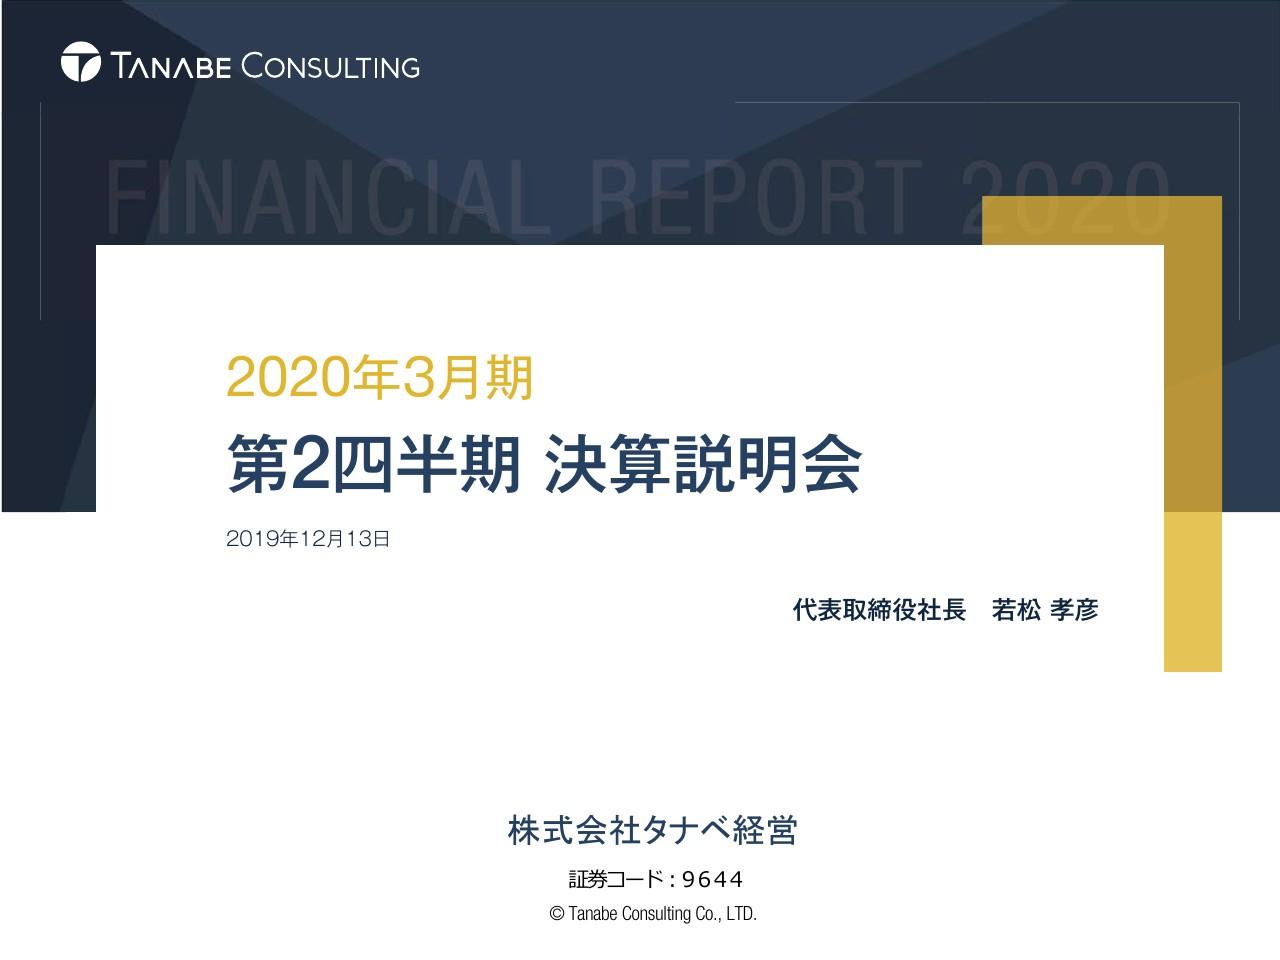 タナベ経営、2Qは増収減益 採用コスト増加で営業利益は減少するも計画比ではプラスに